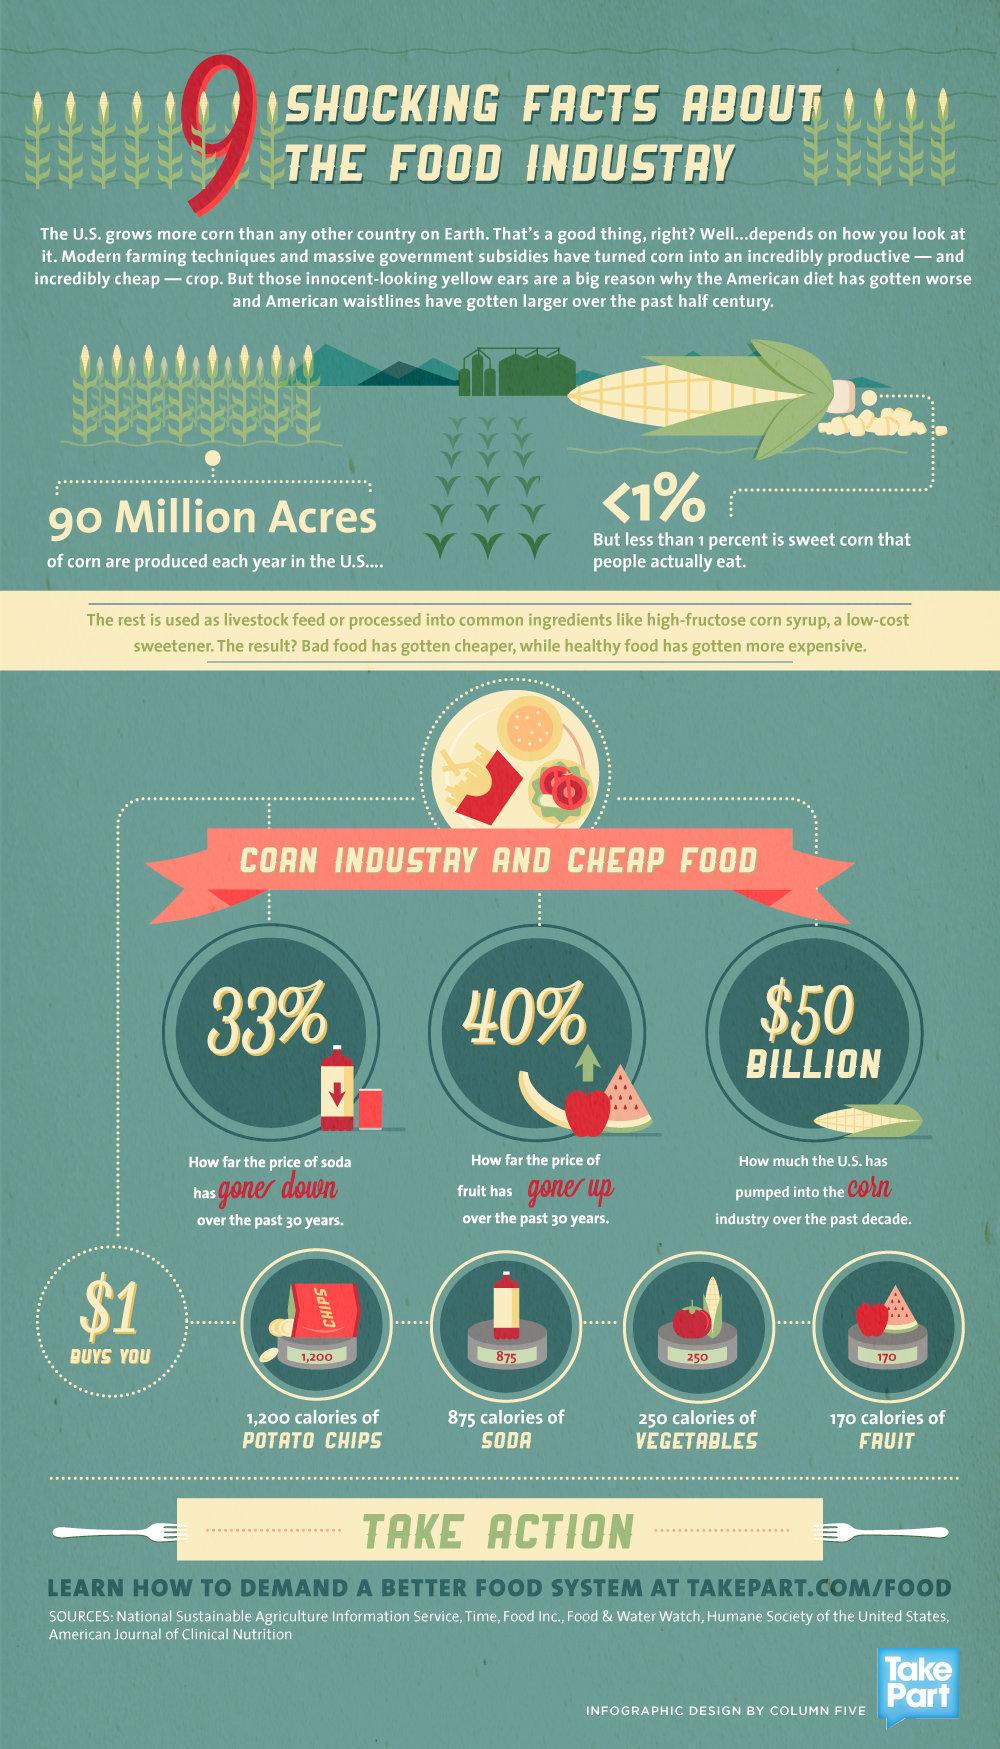 Infographic Schokkende feiten over de foodindustrie